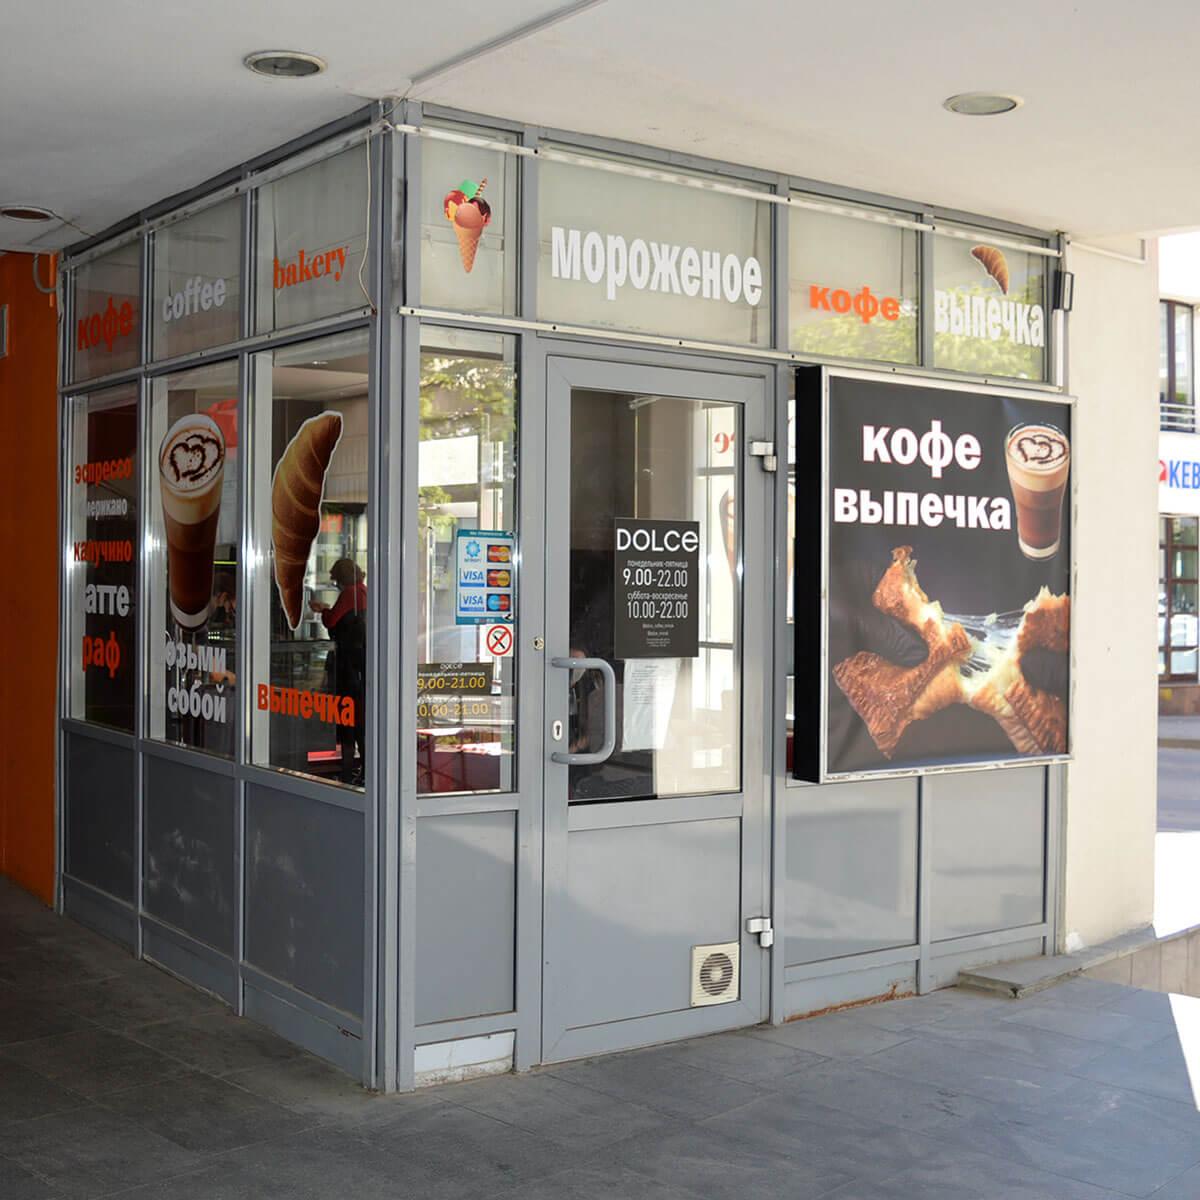 DOLCE - кондитерская, сладкий бар в Торговом Центре Немига 3